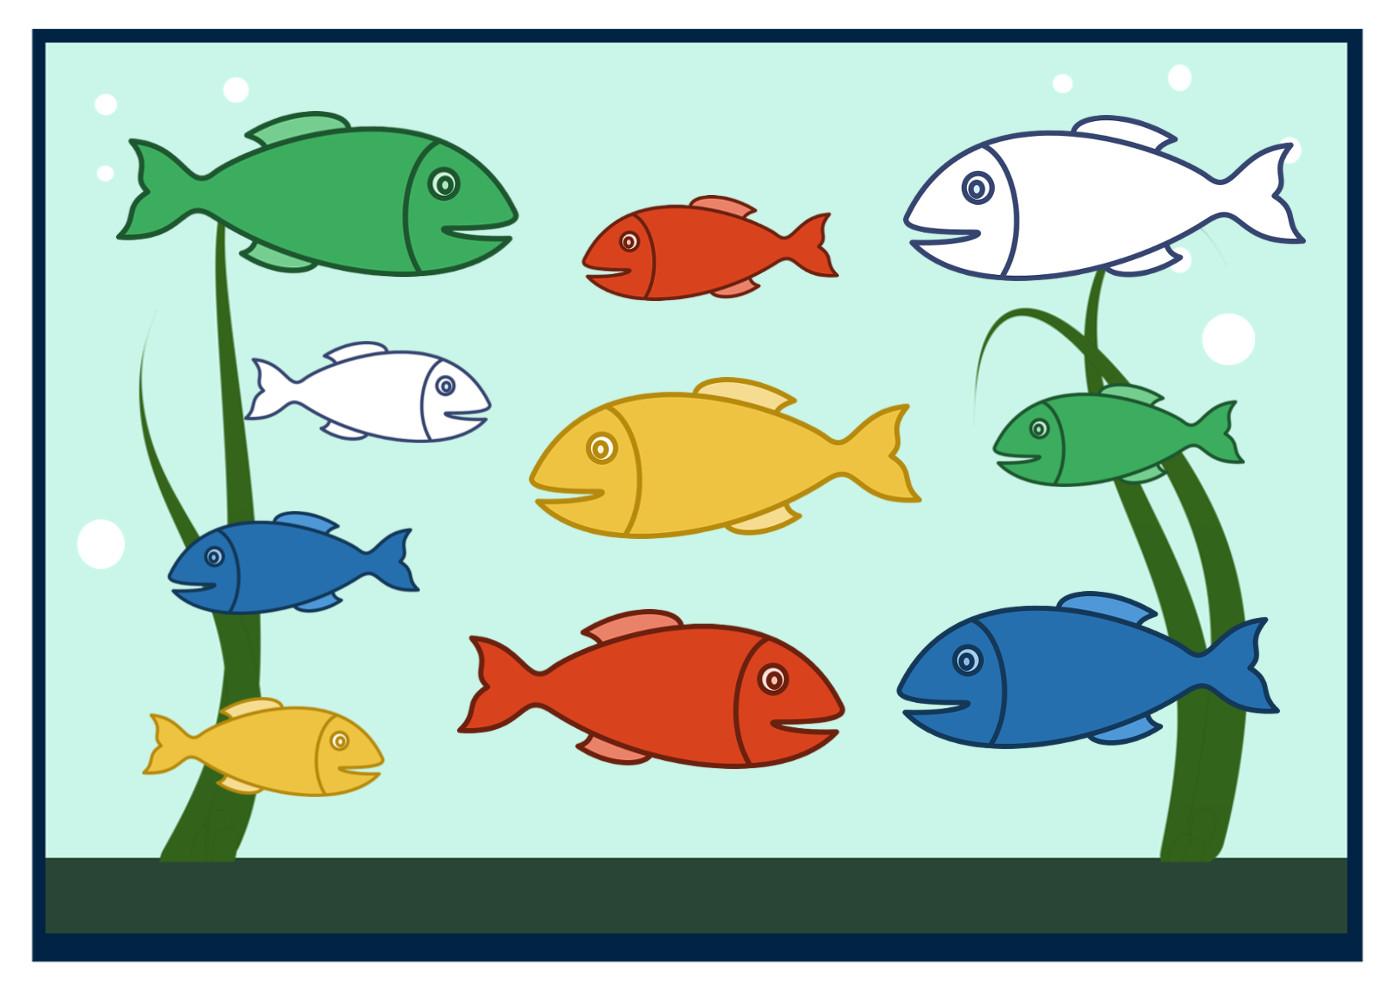 работе картинка рыбка средняя группа то